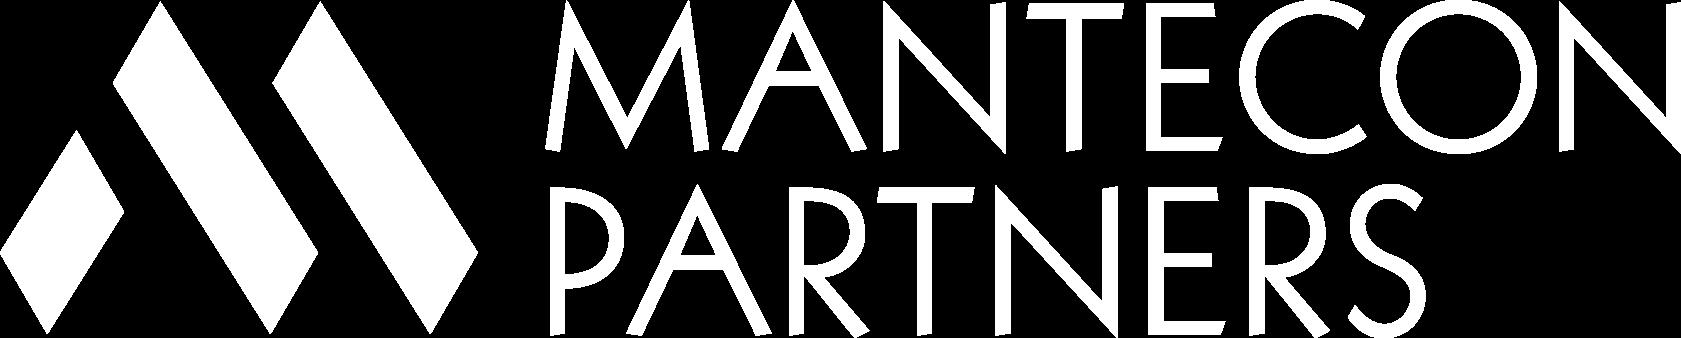 Mantecon Partners